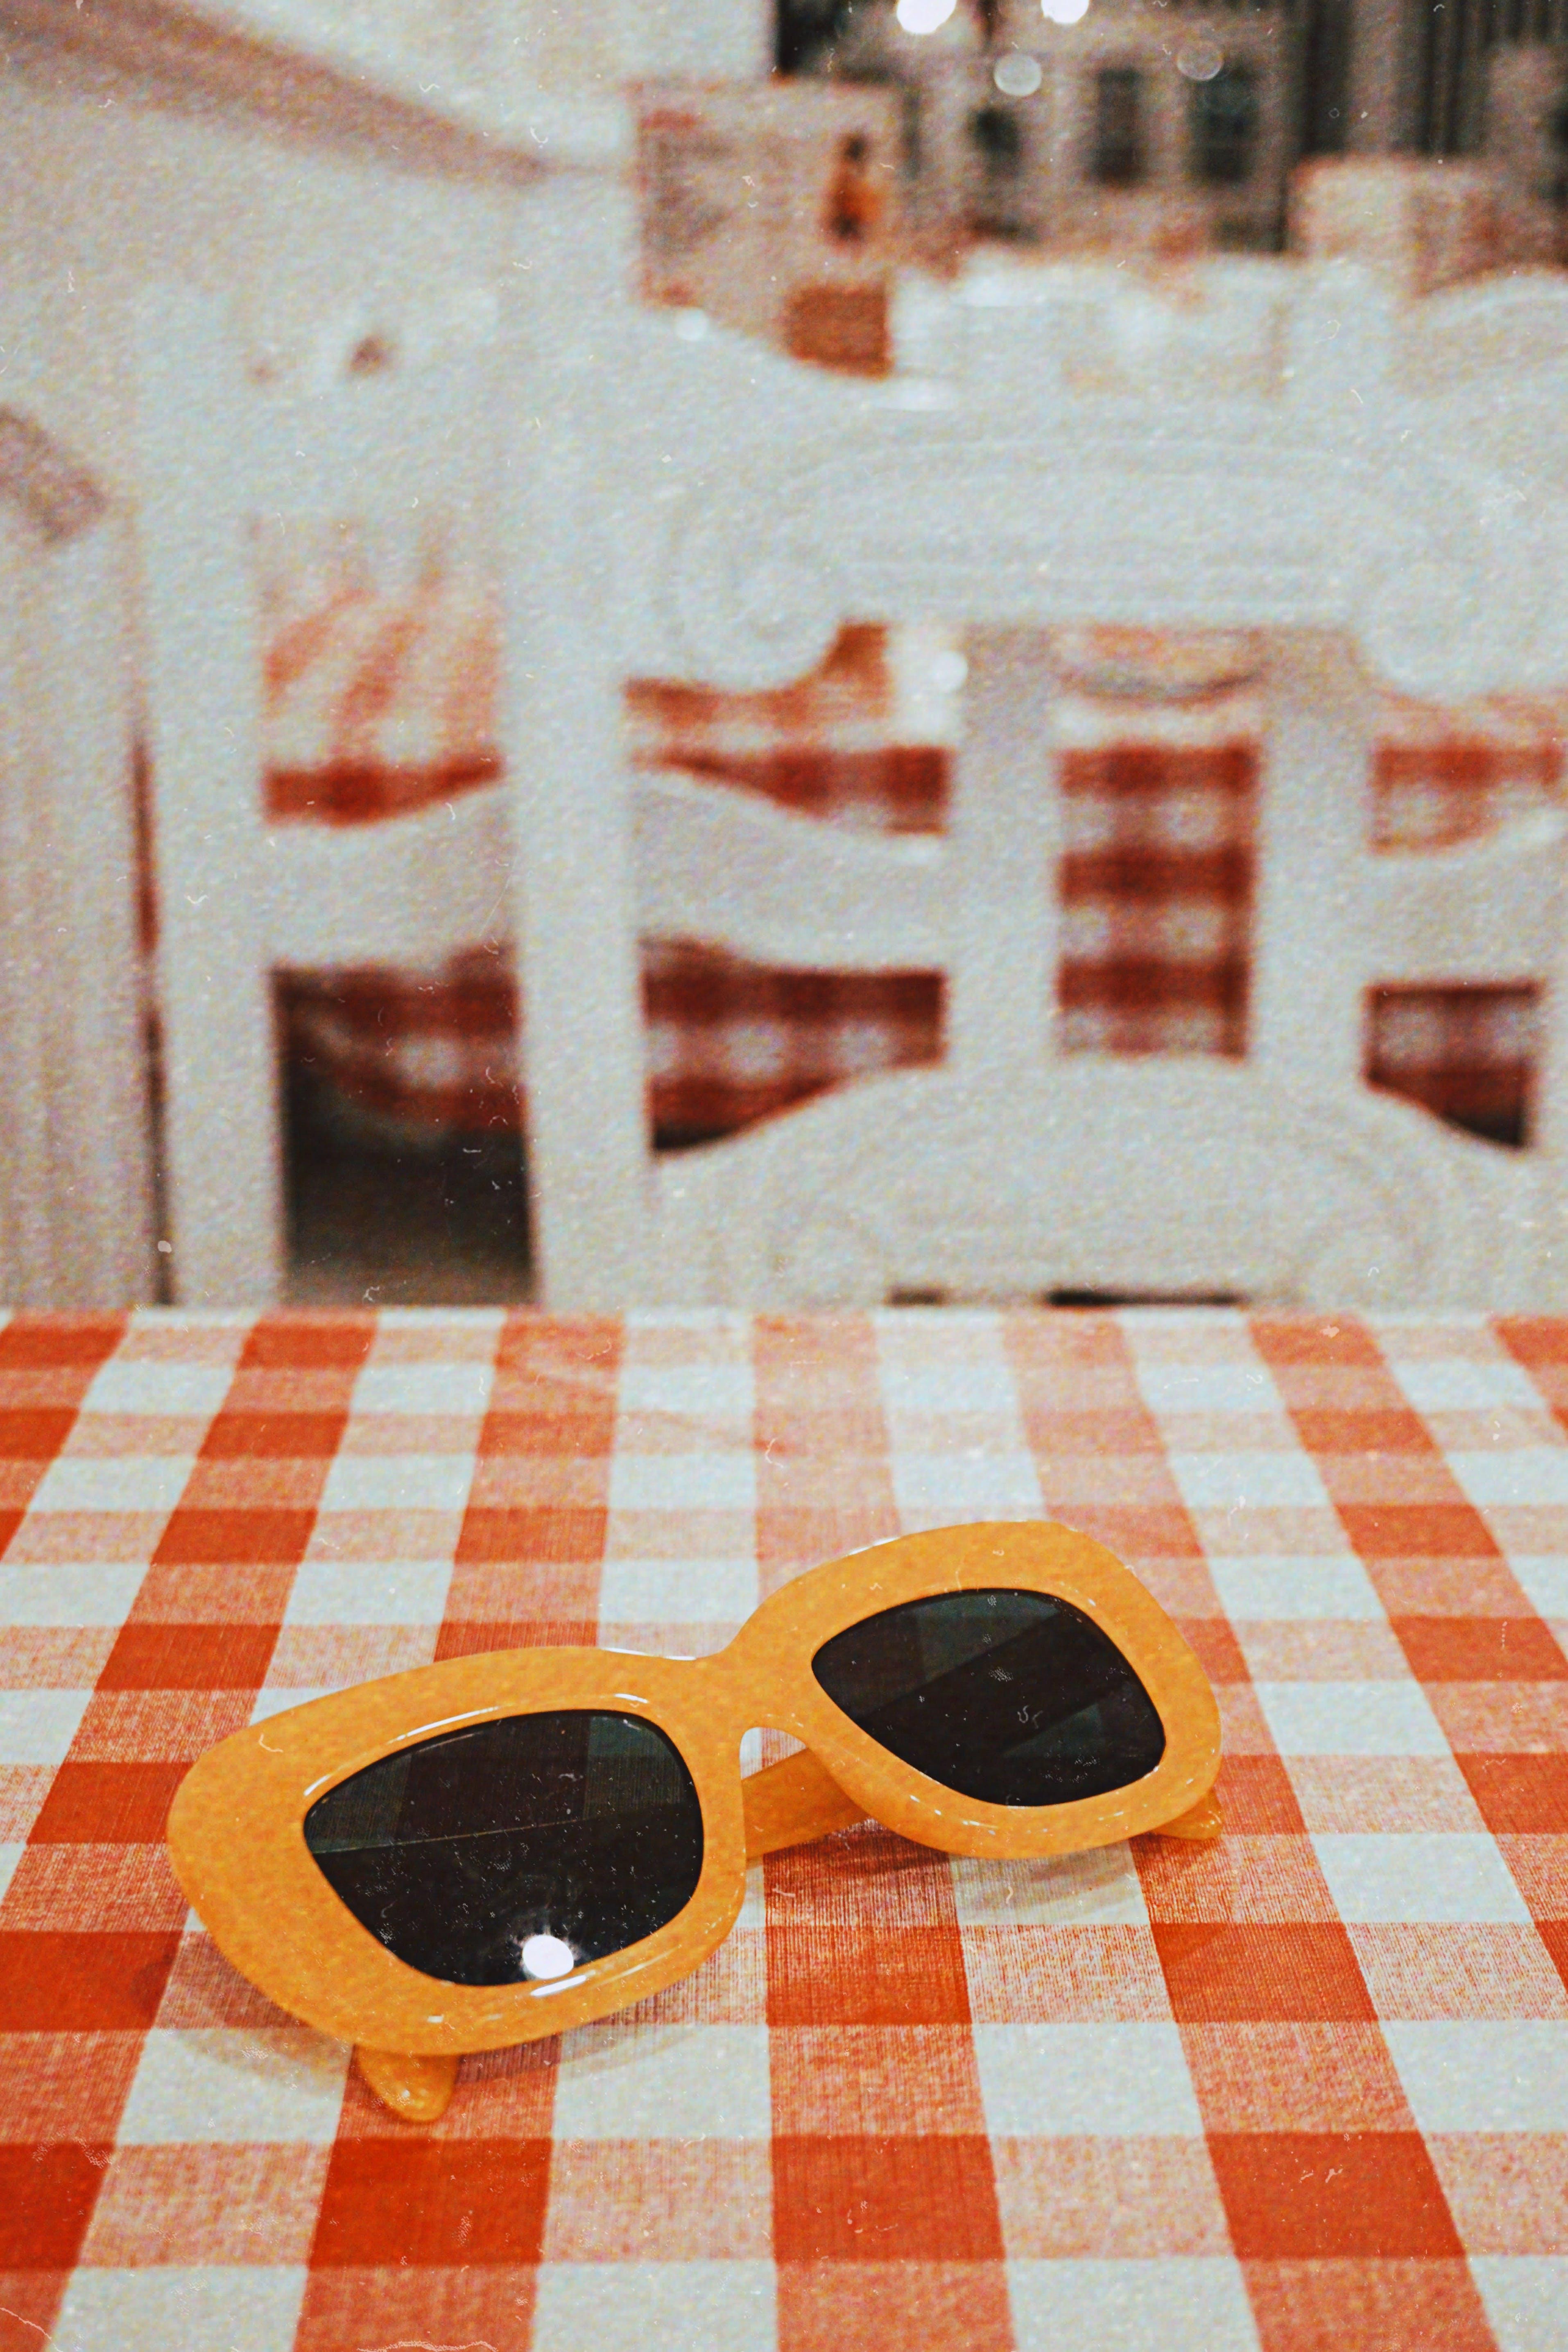 Kostenloses Stock Foto zu bedrucktem tischtuch, drinnen, farben, sonnenbrille